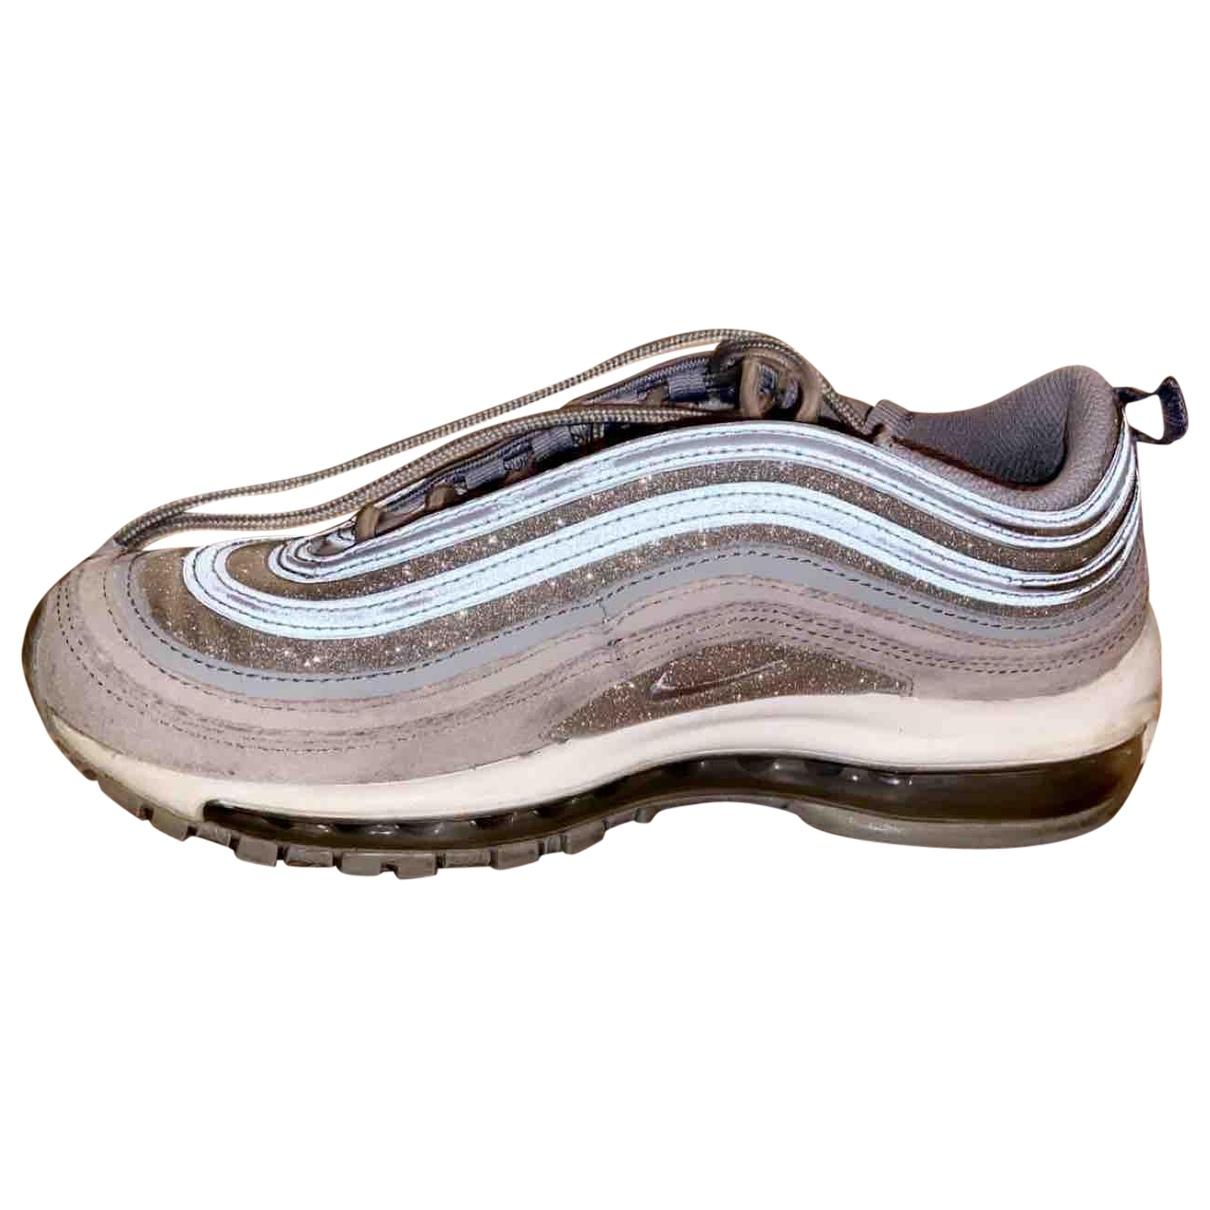 Nike Air Max 97 Sneakers in  Silber Leder